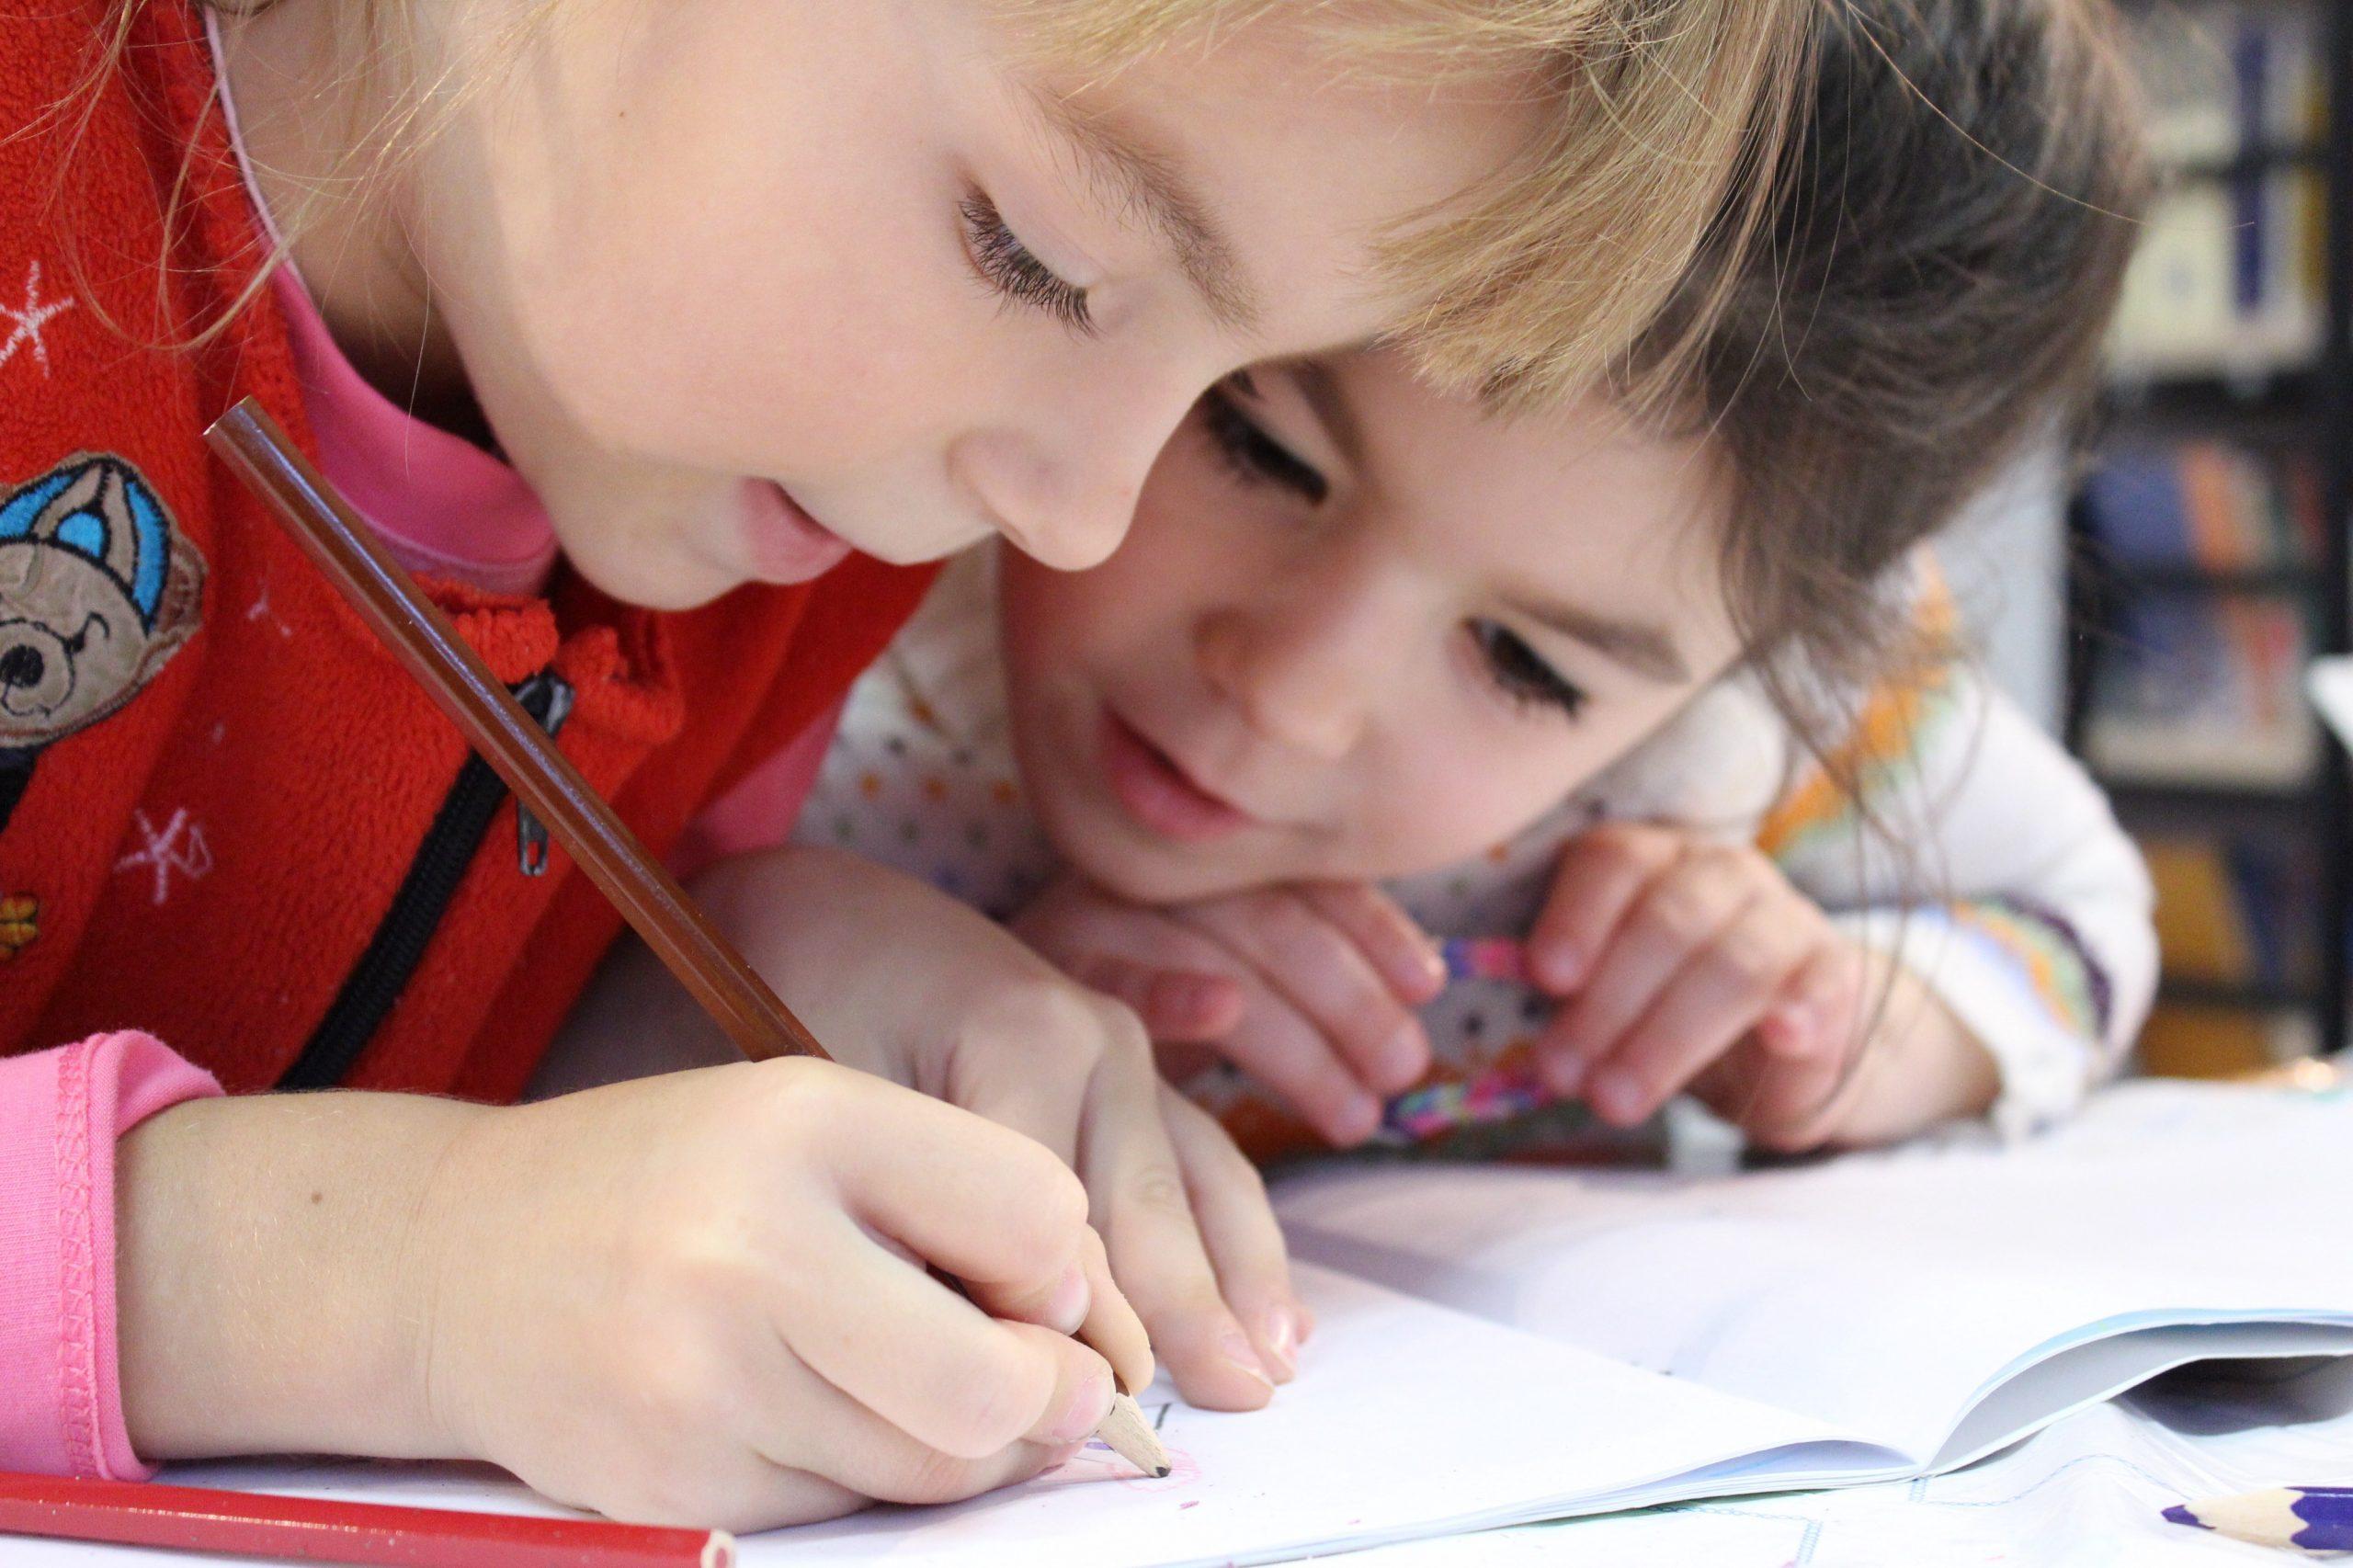 5 ทักษะ ที่จำเป็นต้องรู้! เพื่อช่วย สร้างการเรียนรู้ ได้อย่างรวดเร็ว